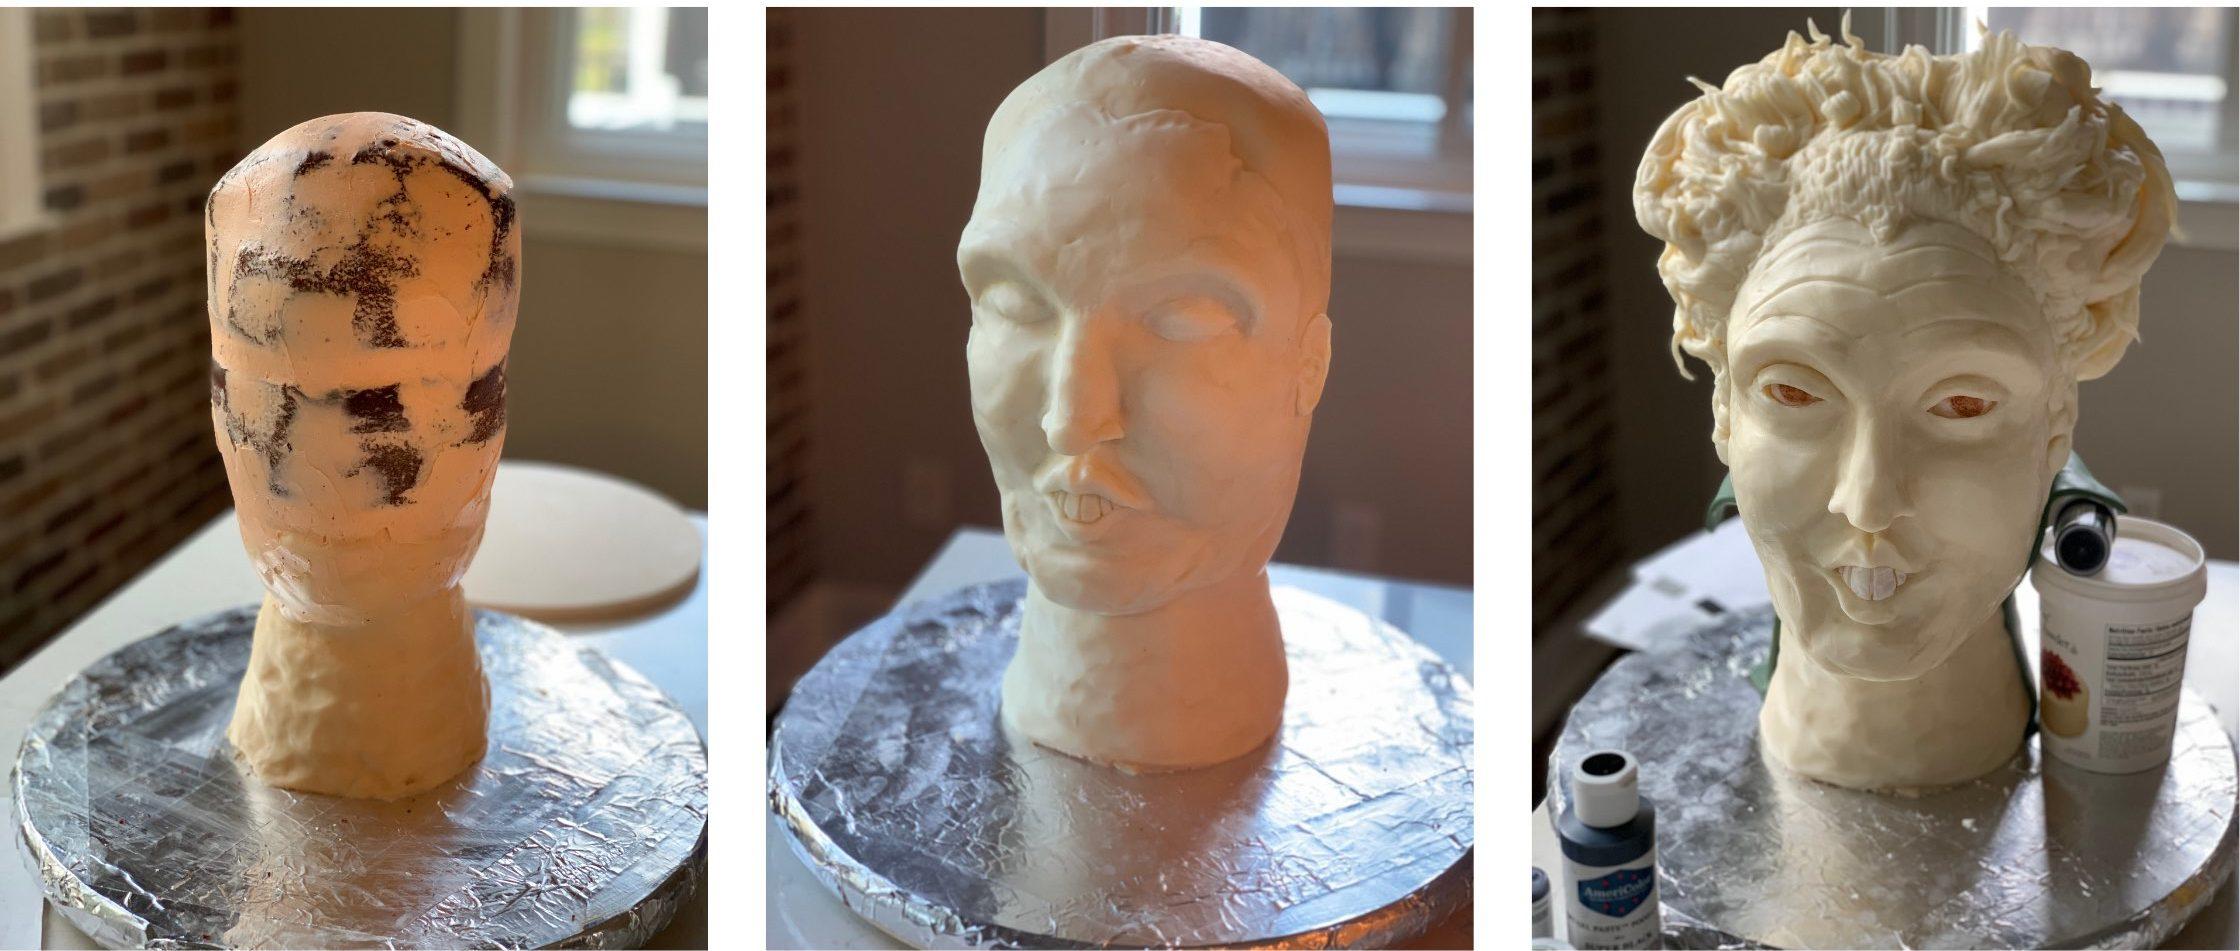 Hocus Pocus Cake Behind-The-Scenes